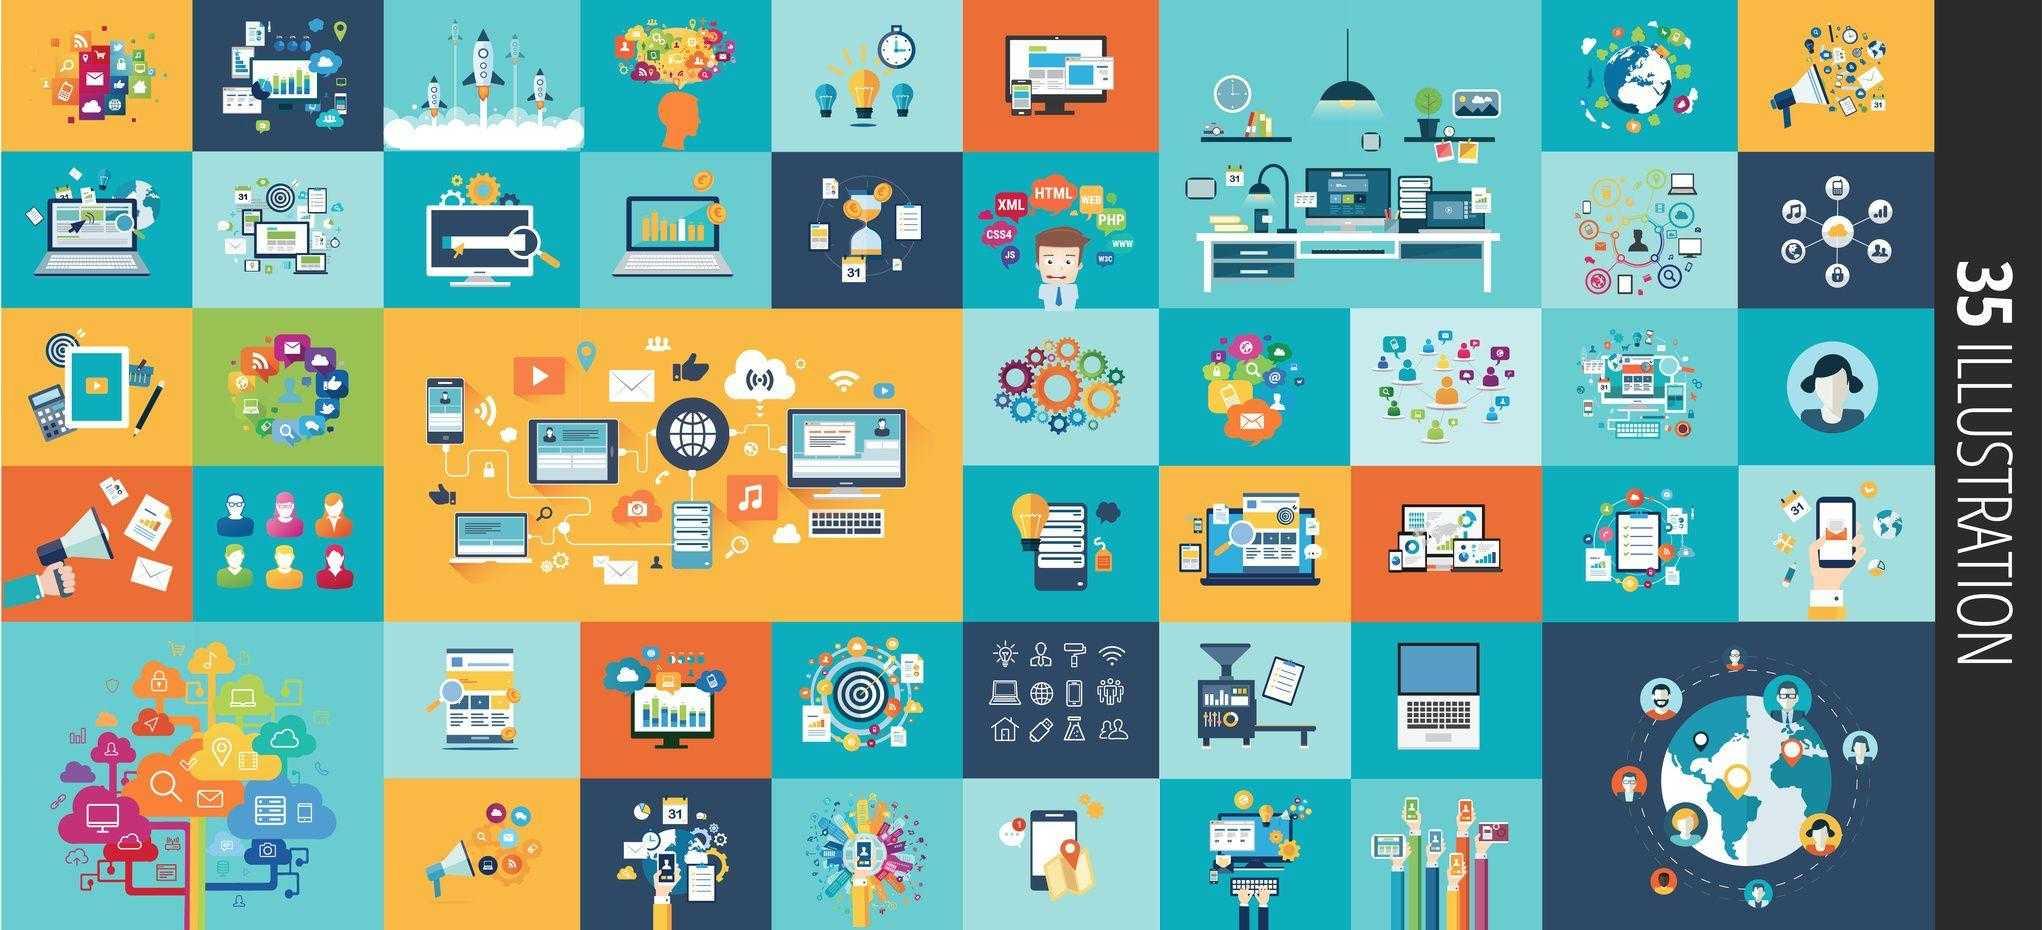 Come costruire un piano di comunicazione digitale – Parte 2